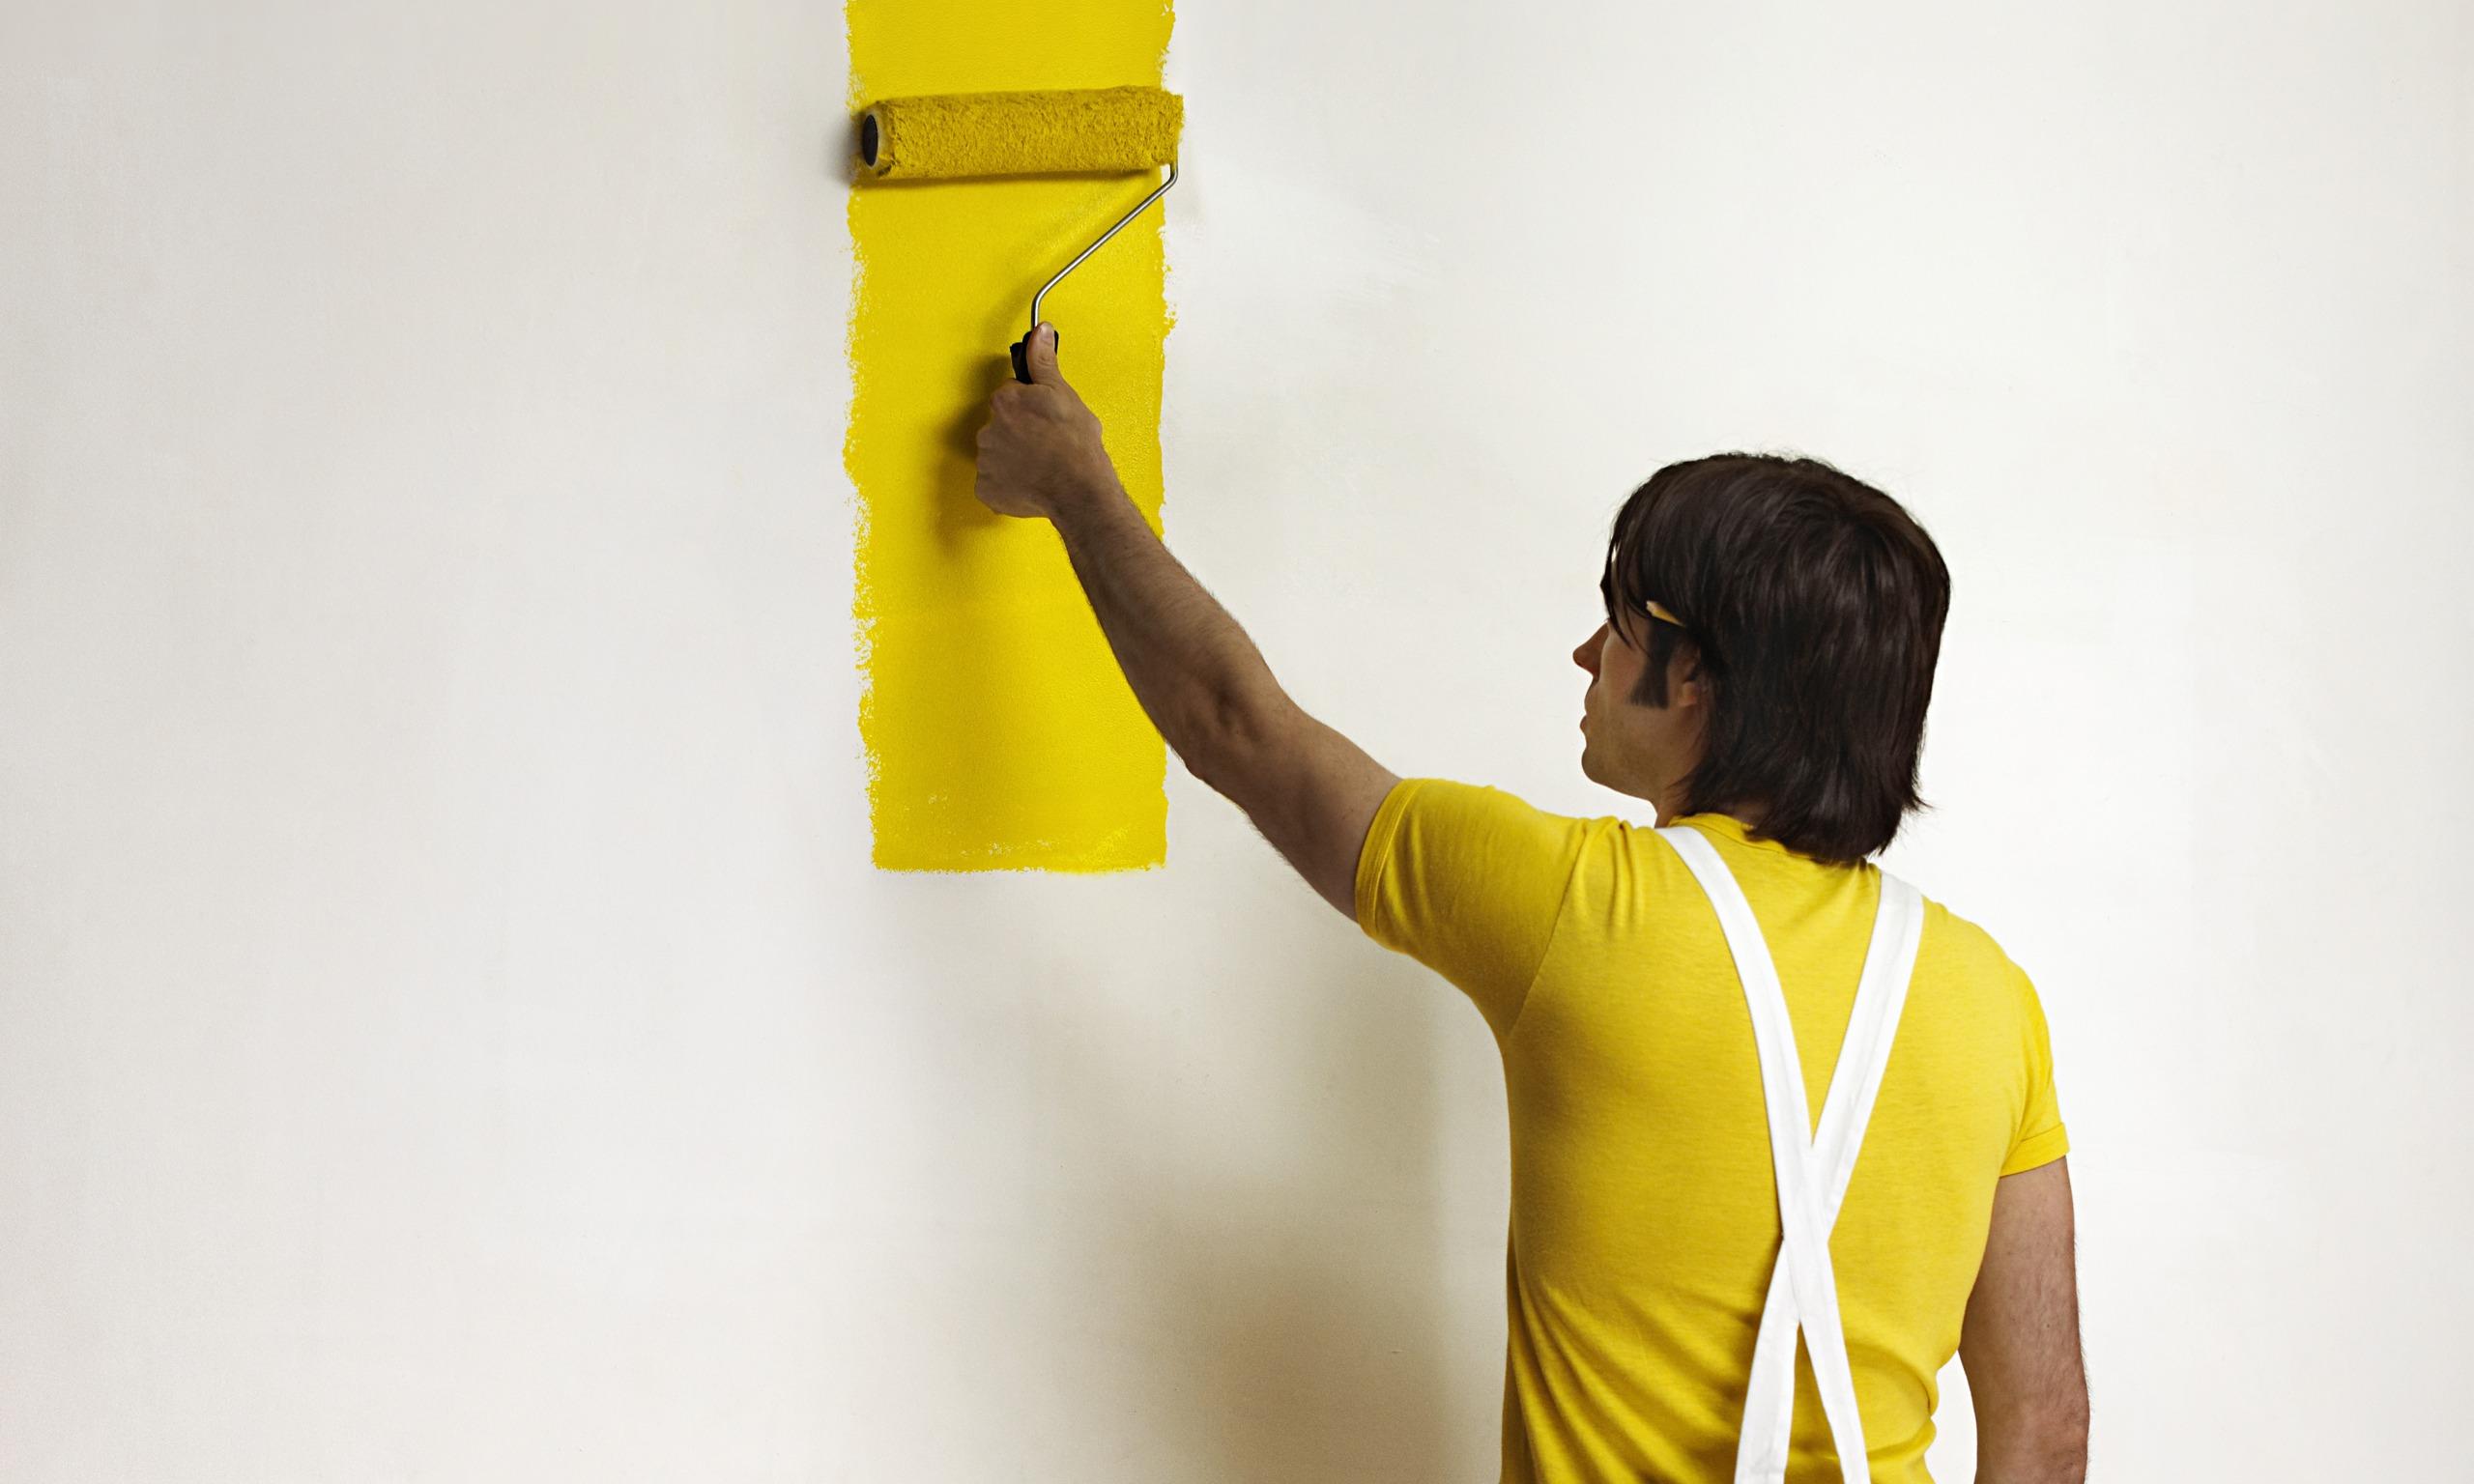 رنگ داخلي جوتن(رنگ داخلي ساختمان)